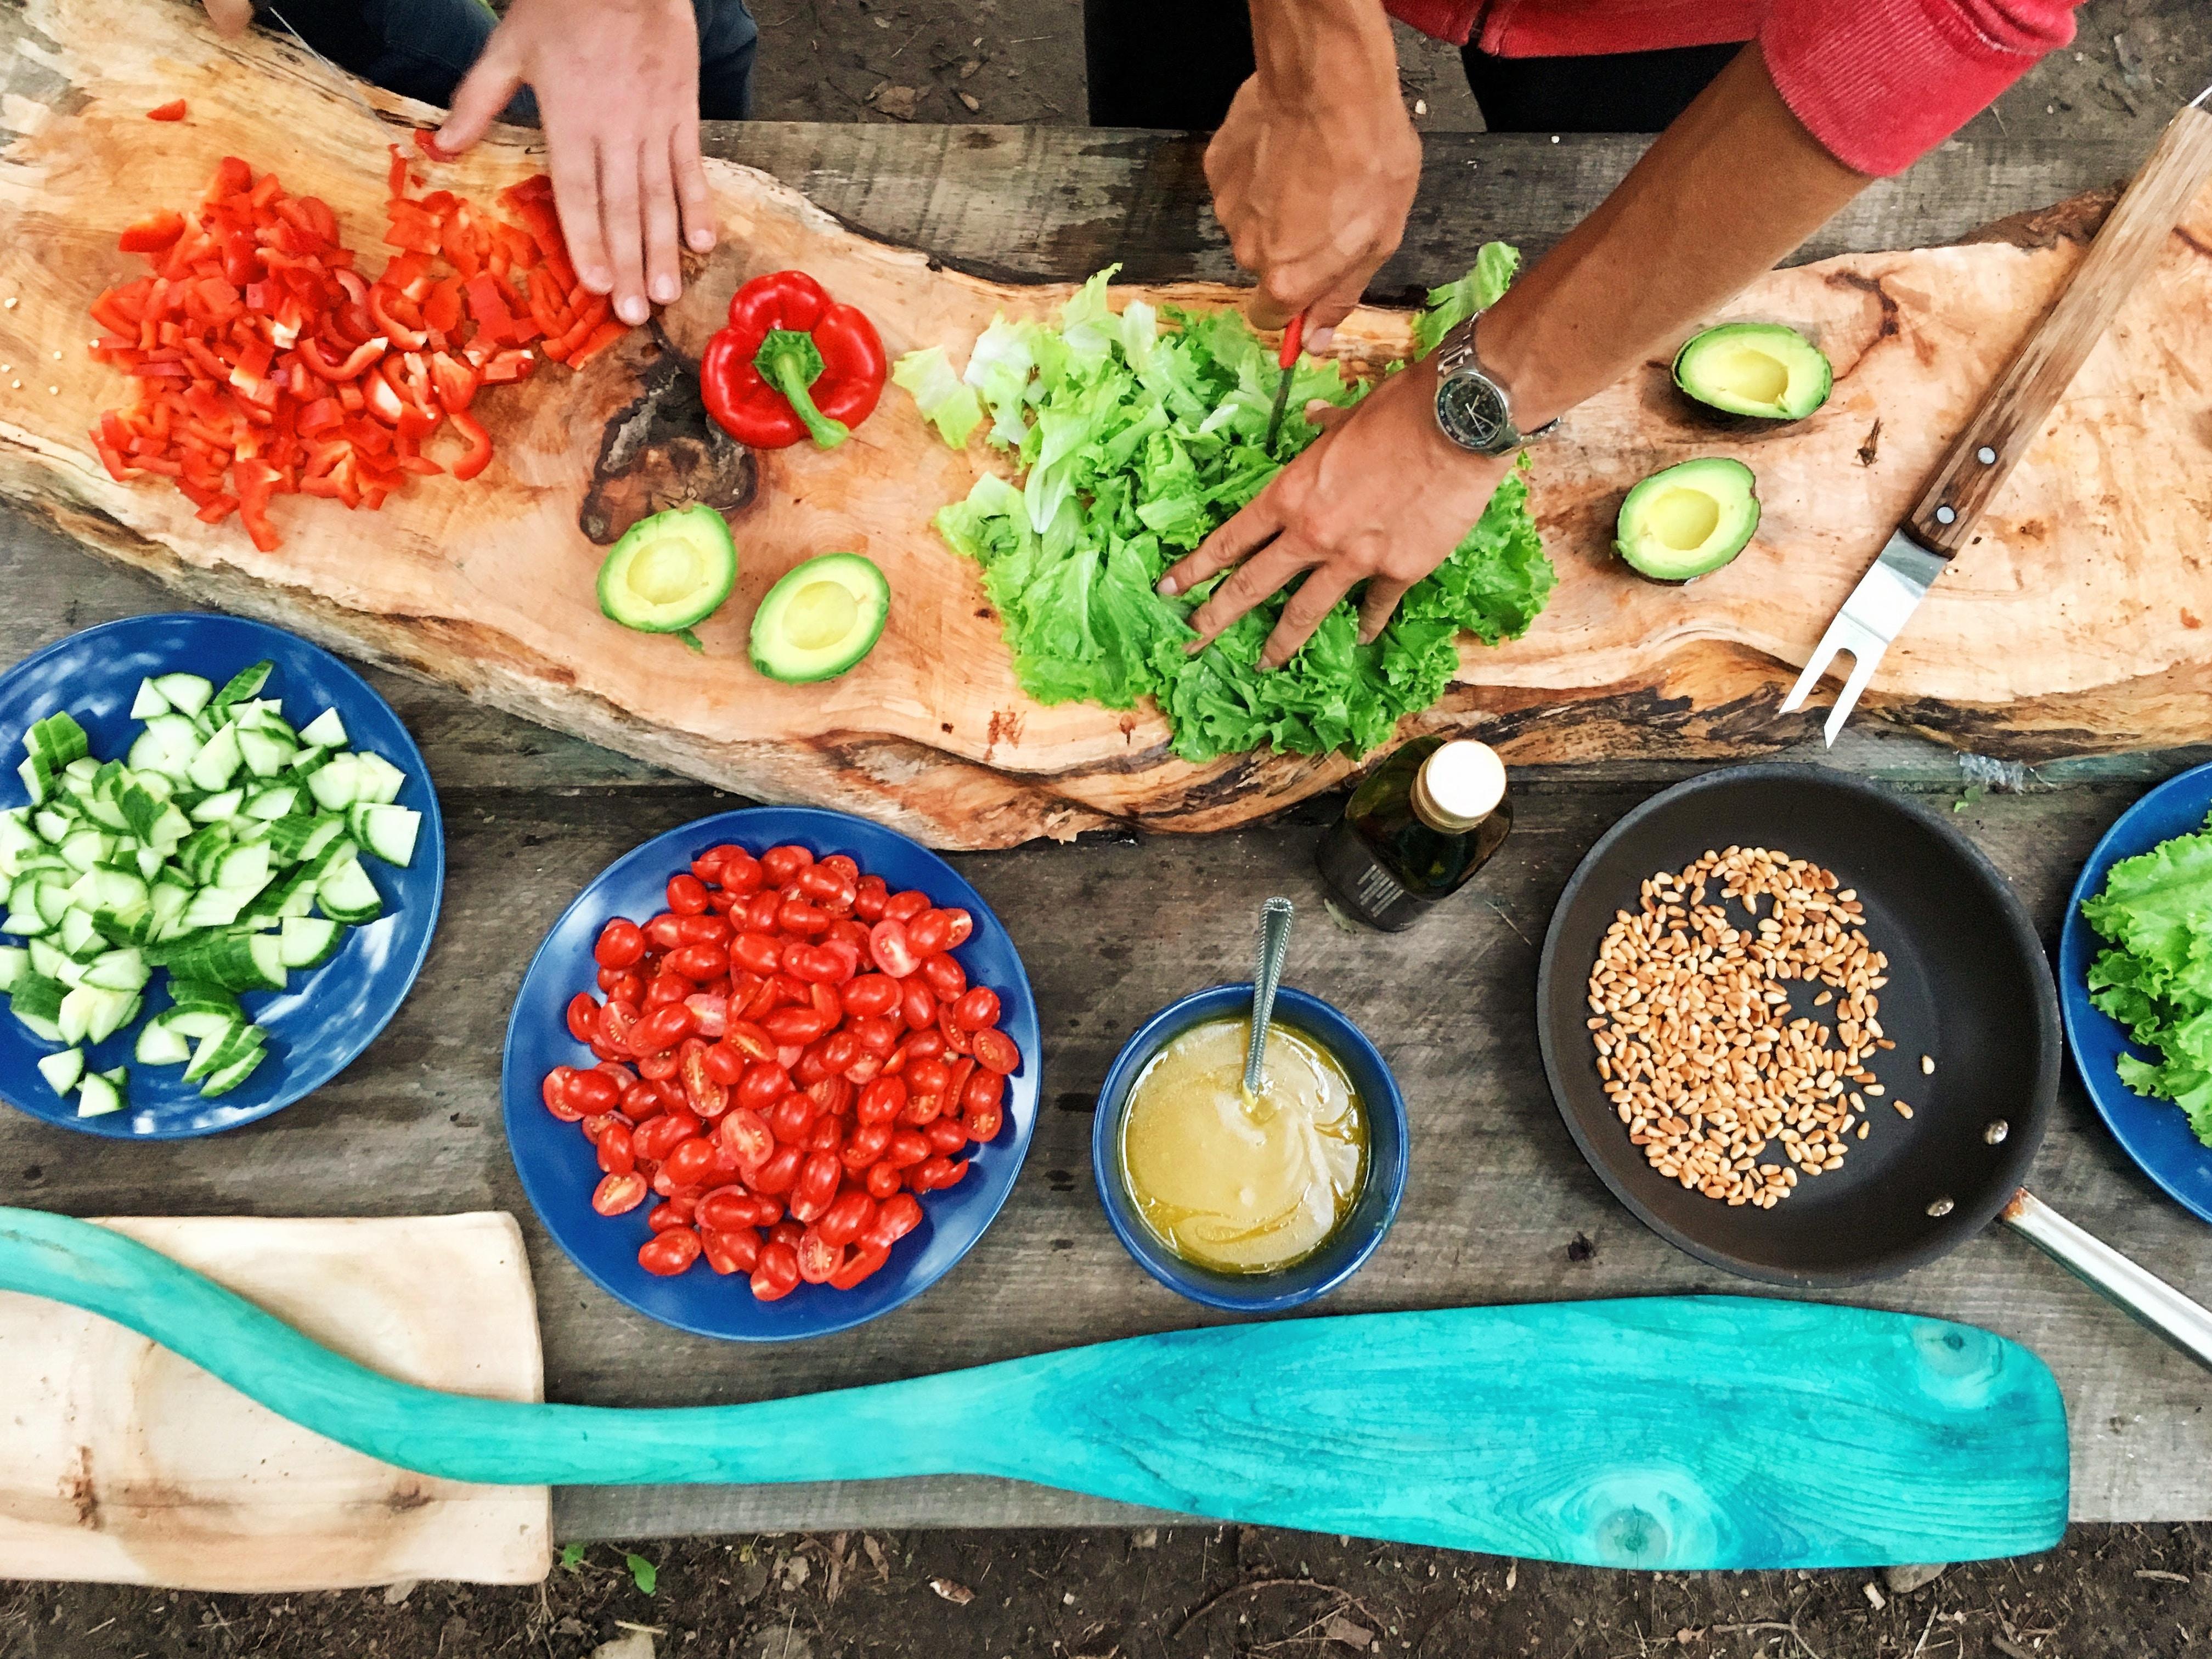 Cooking workshop - cooking workshops Utrecht - Blog Magnet.me